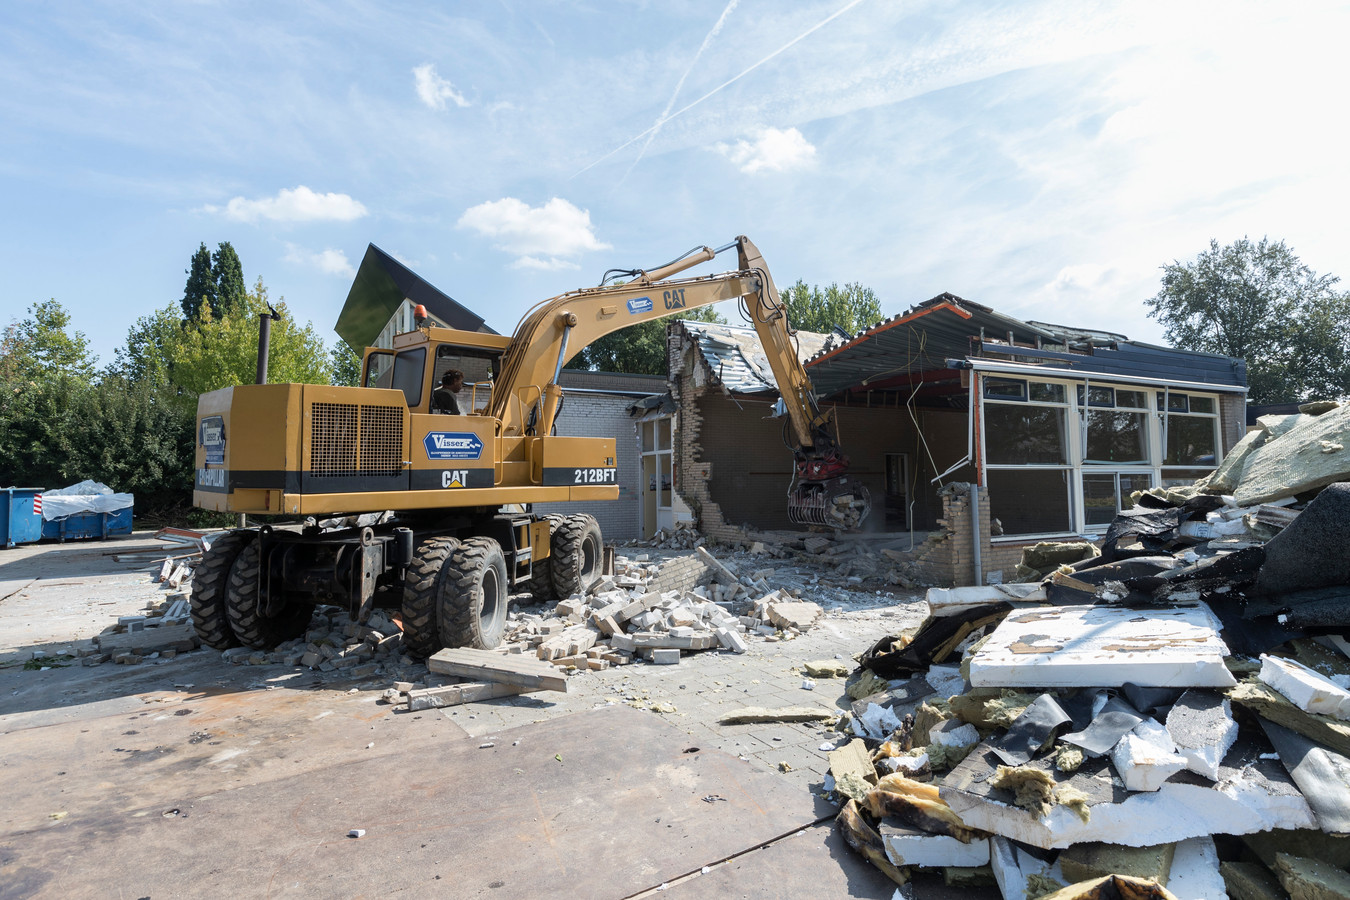 Sloopbedrijf Visser is begonnen met de sloop van de Oecumenische basisschool aan de Troelstralaan in Brummen.